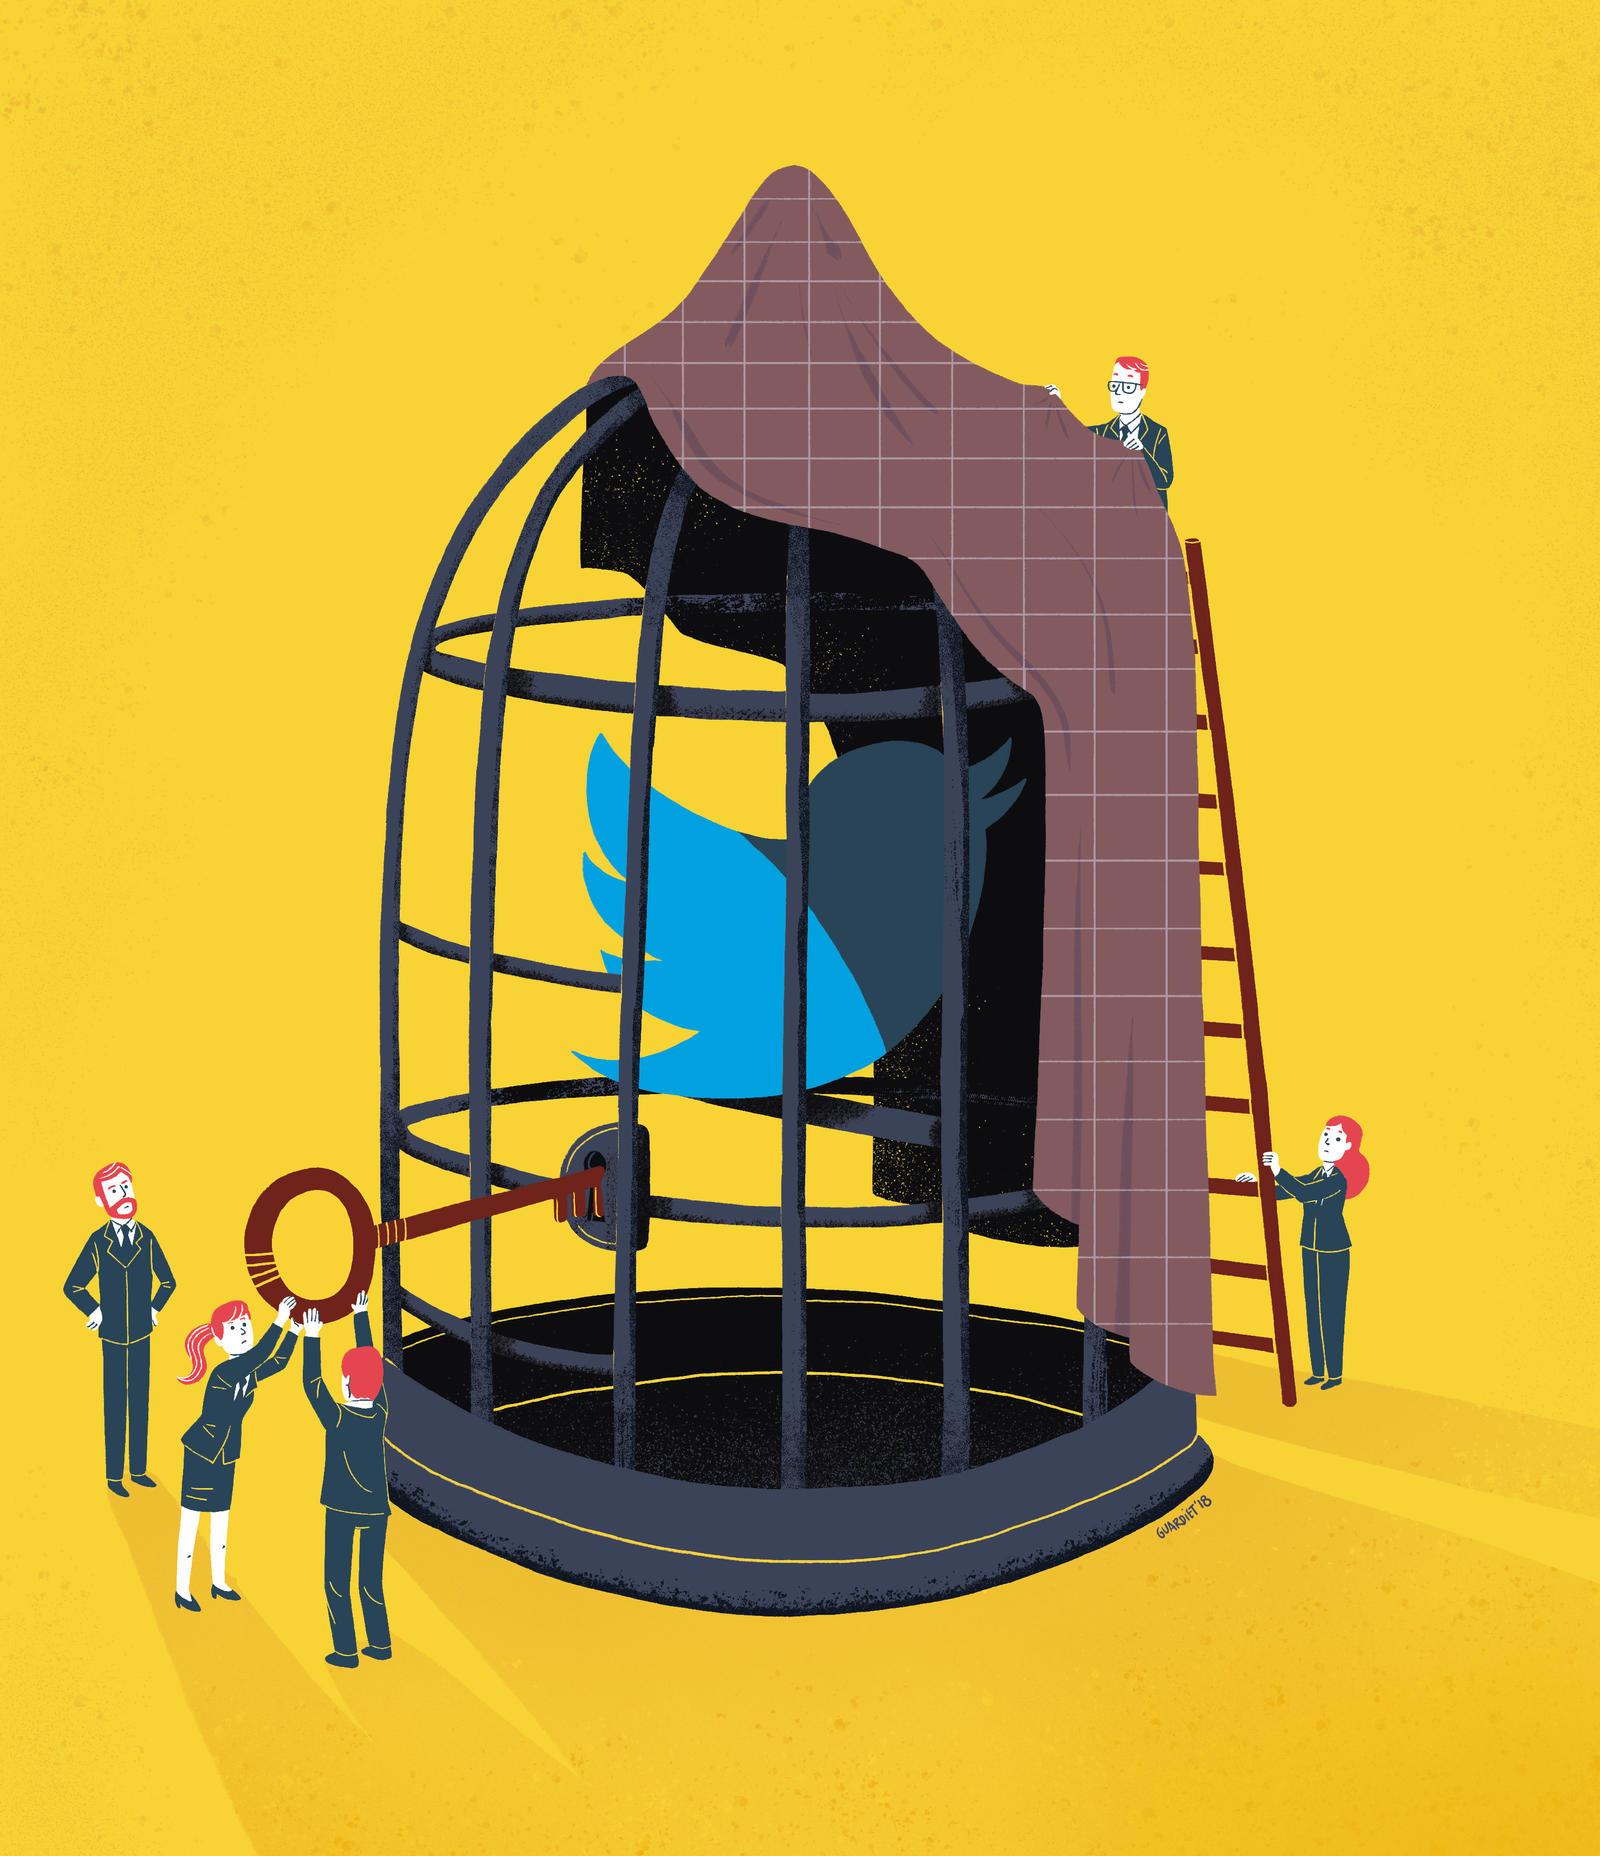 Freedom of speech by JoanGuardiet